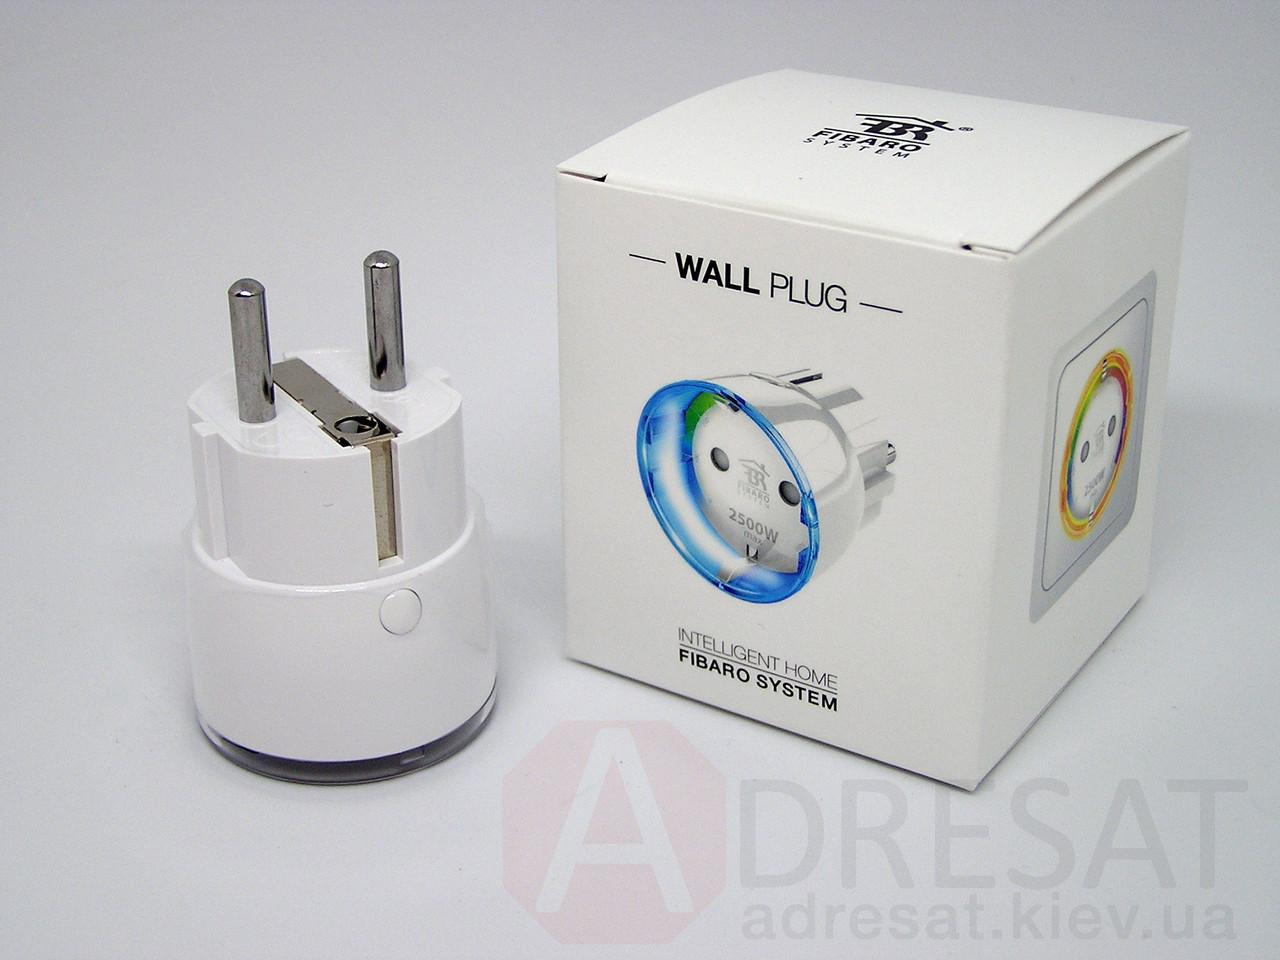 FGWPF-102 FIBARO Wall Plug, Z-Wave розетковий модуль